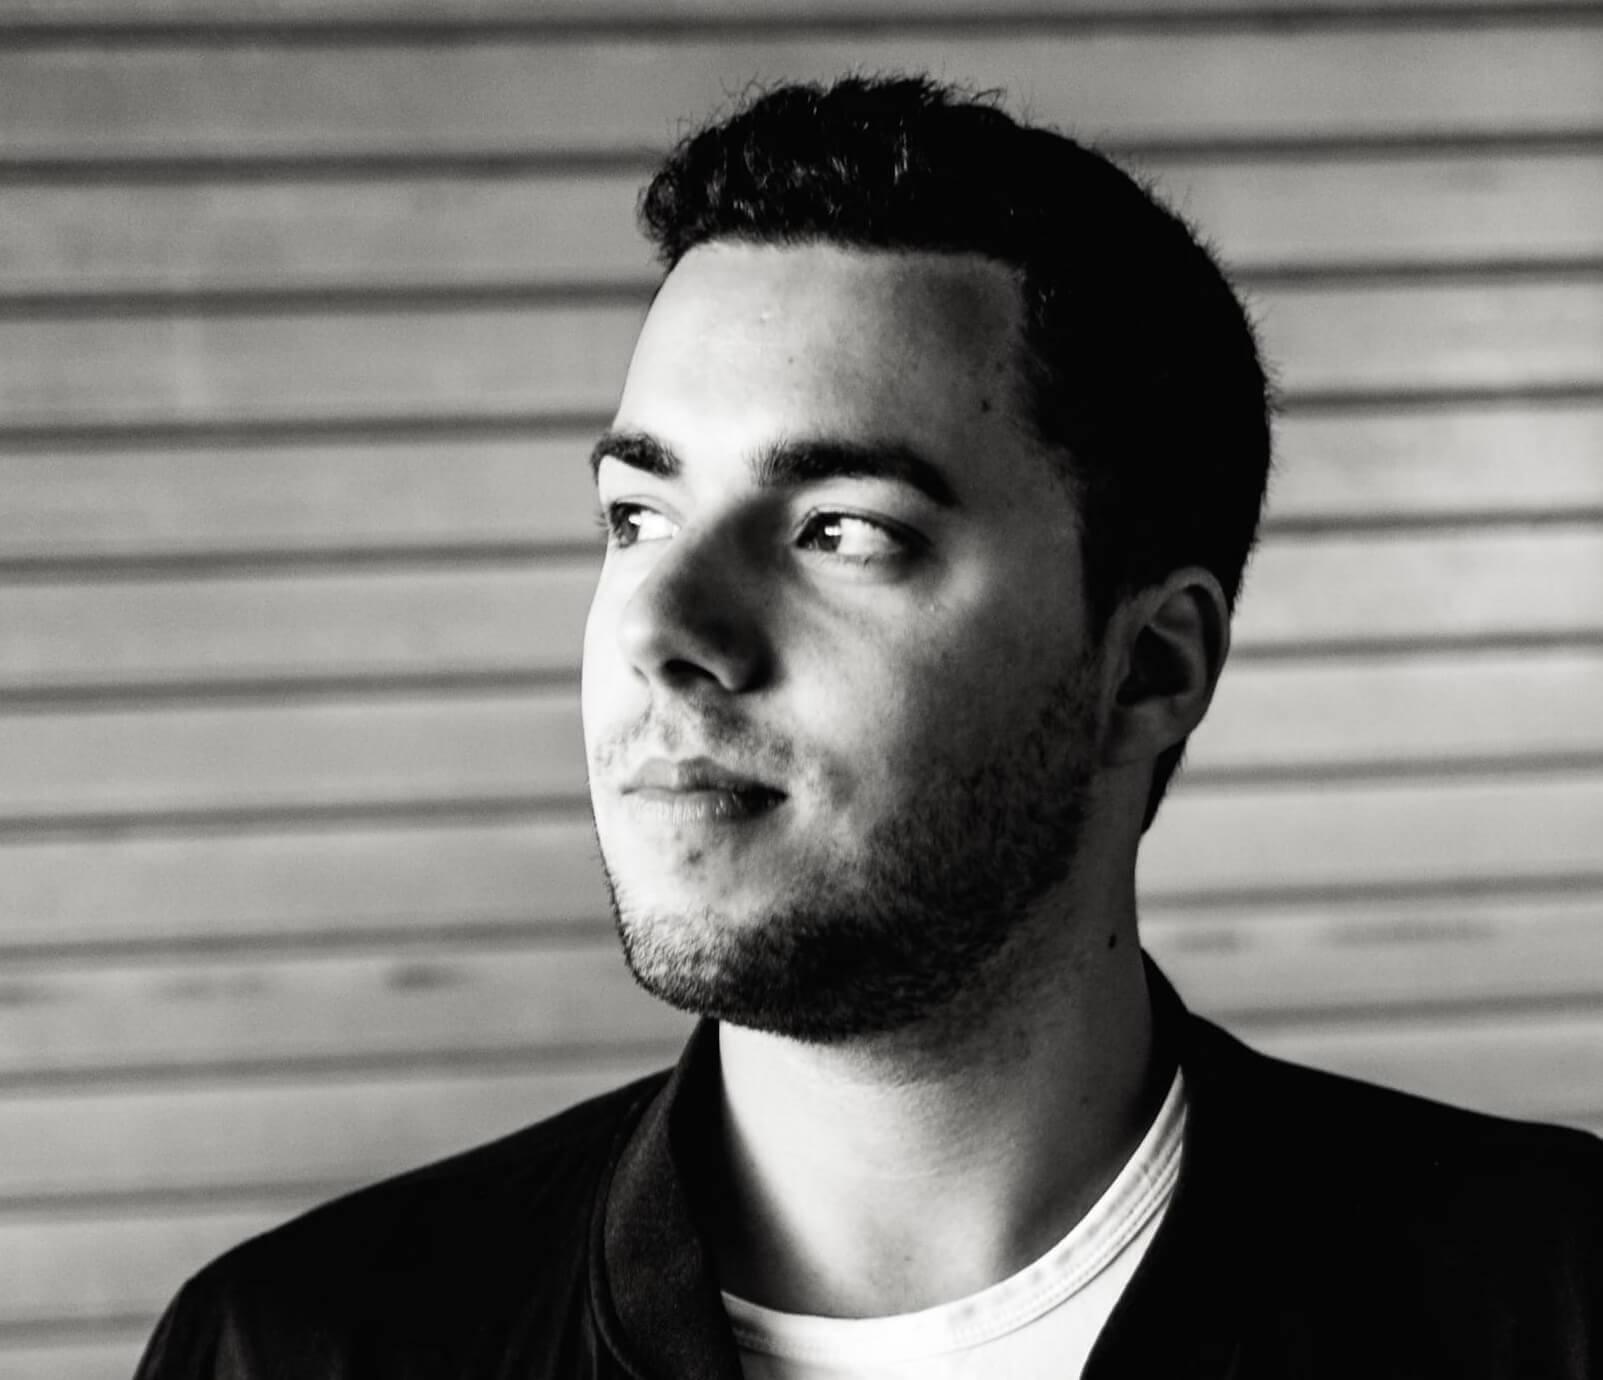 Adrian the DJ